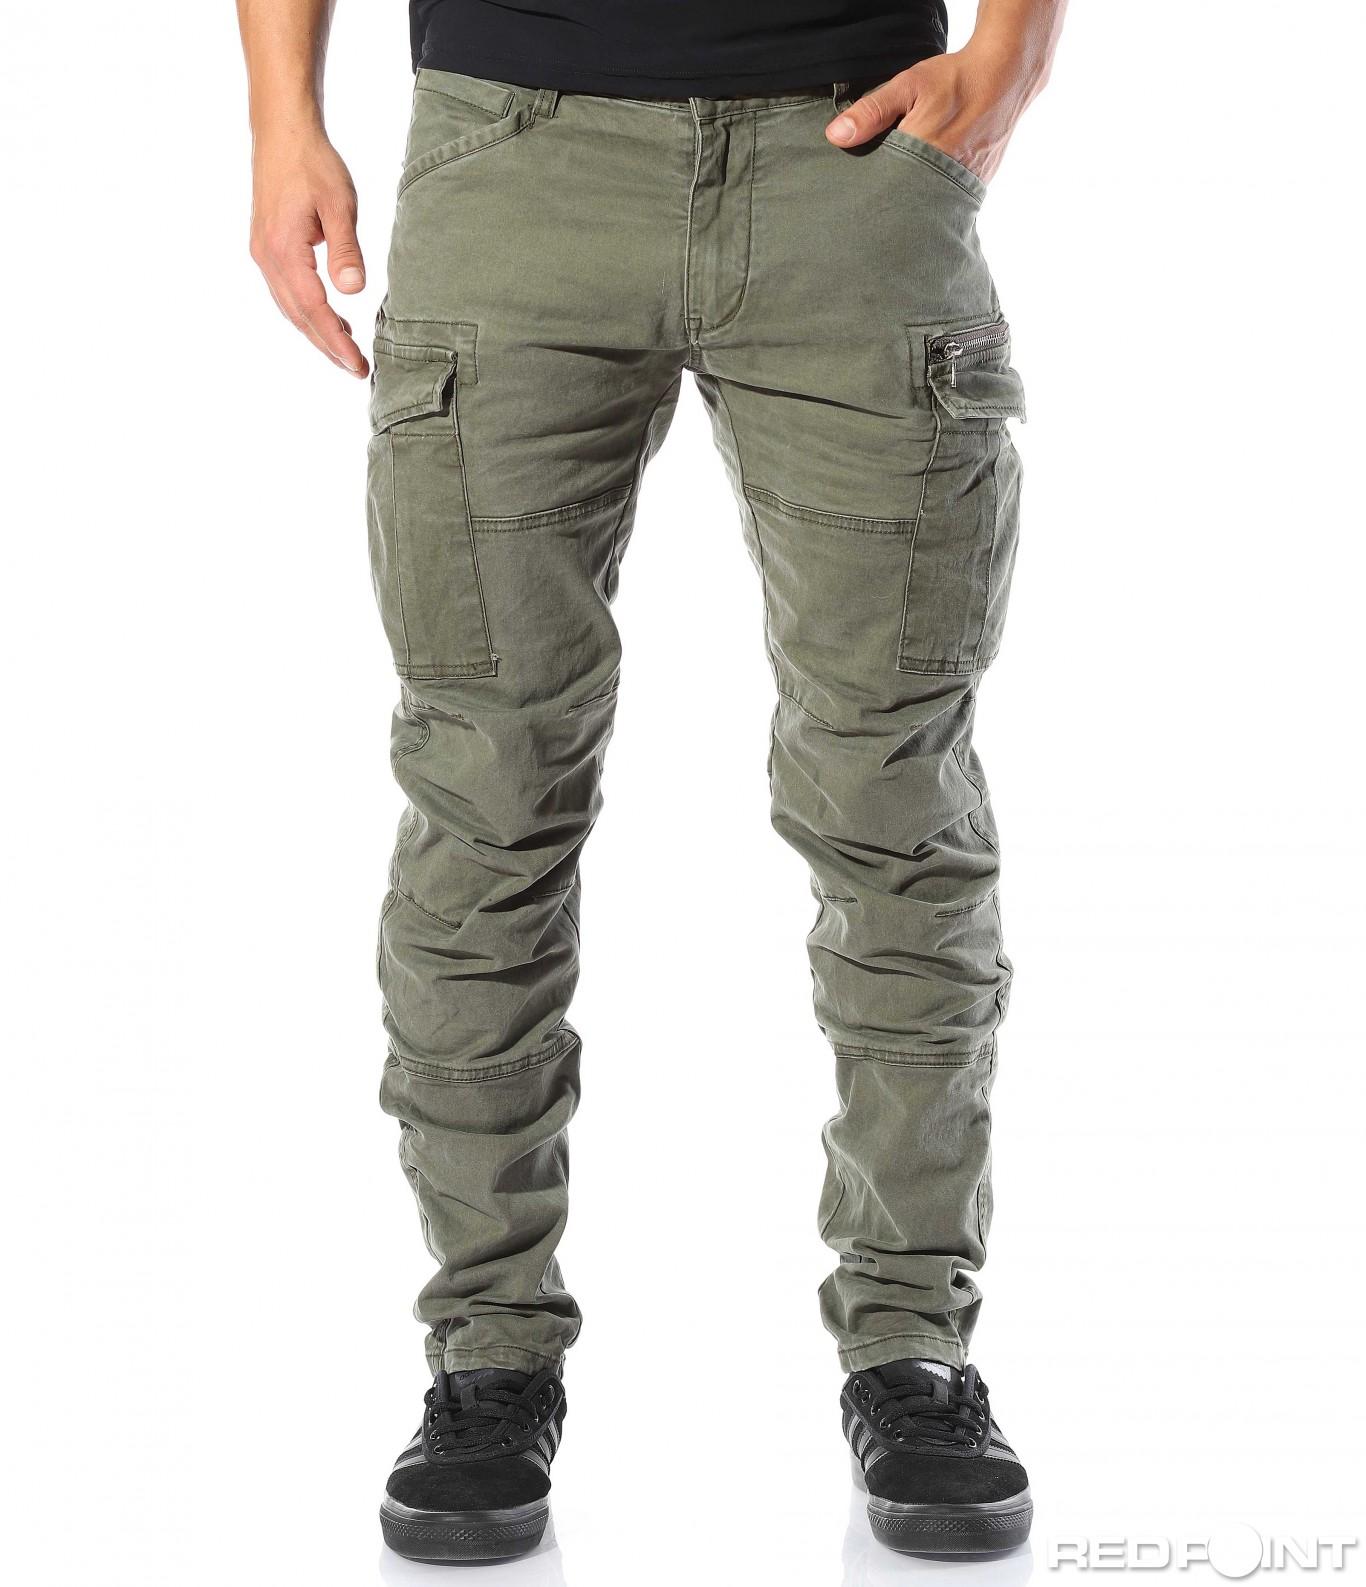 9a470c1cec5 Мъжки спортно елегантни панталони - Red Point Варна - Страница 2